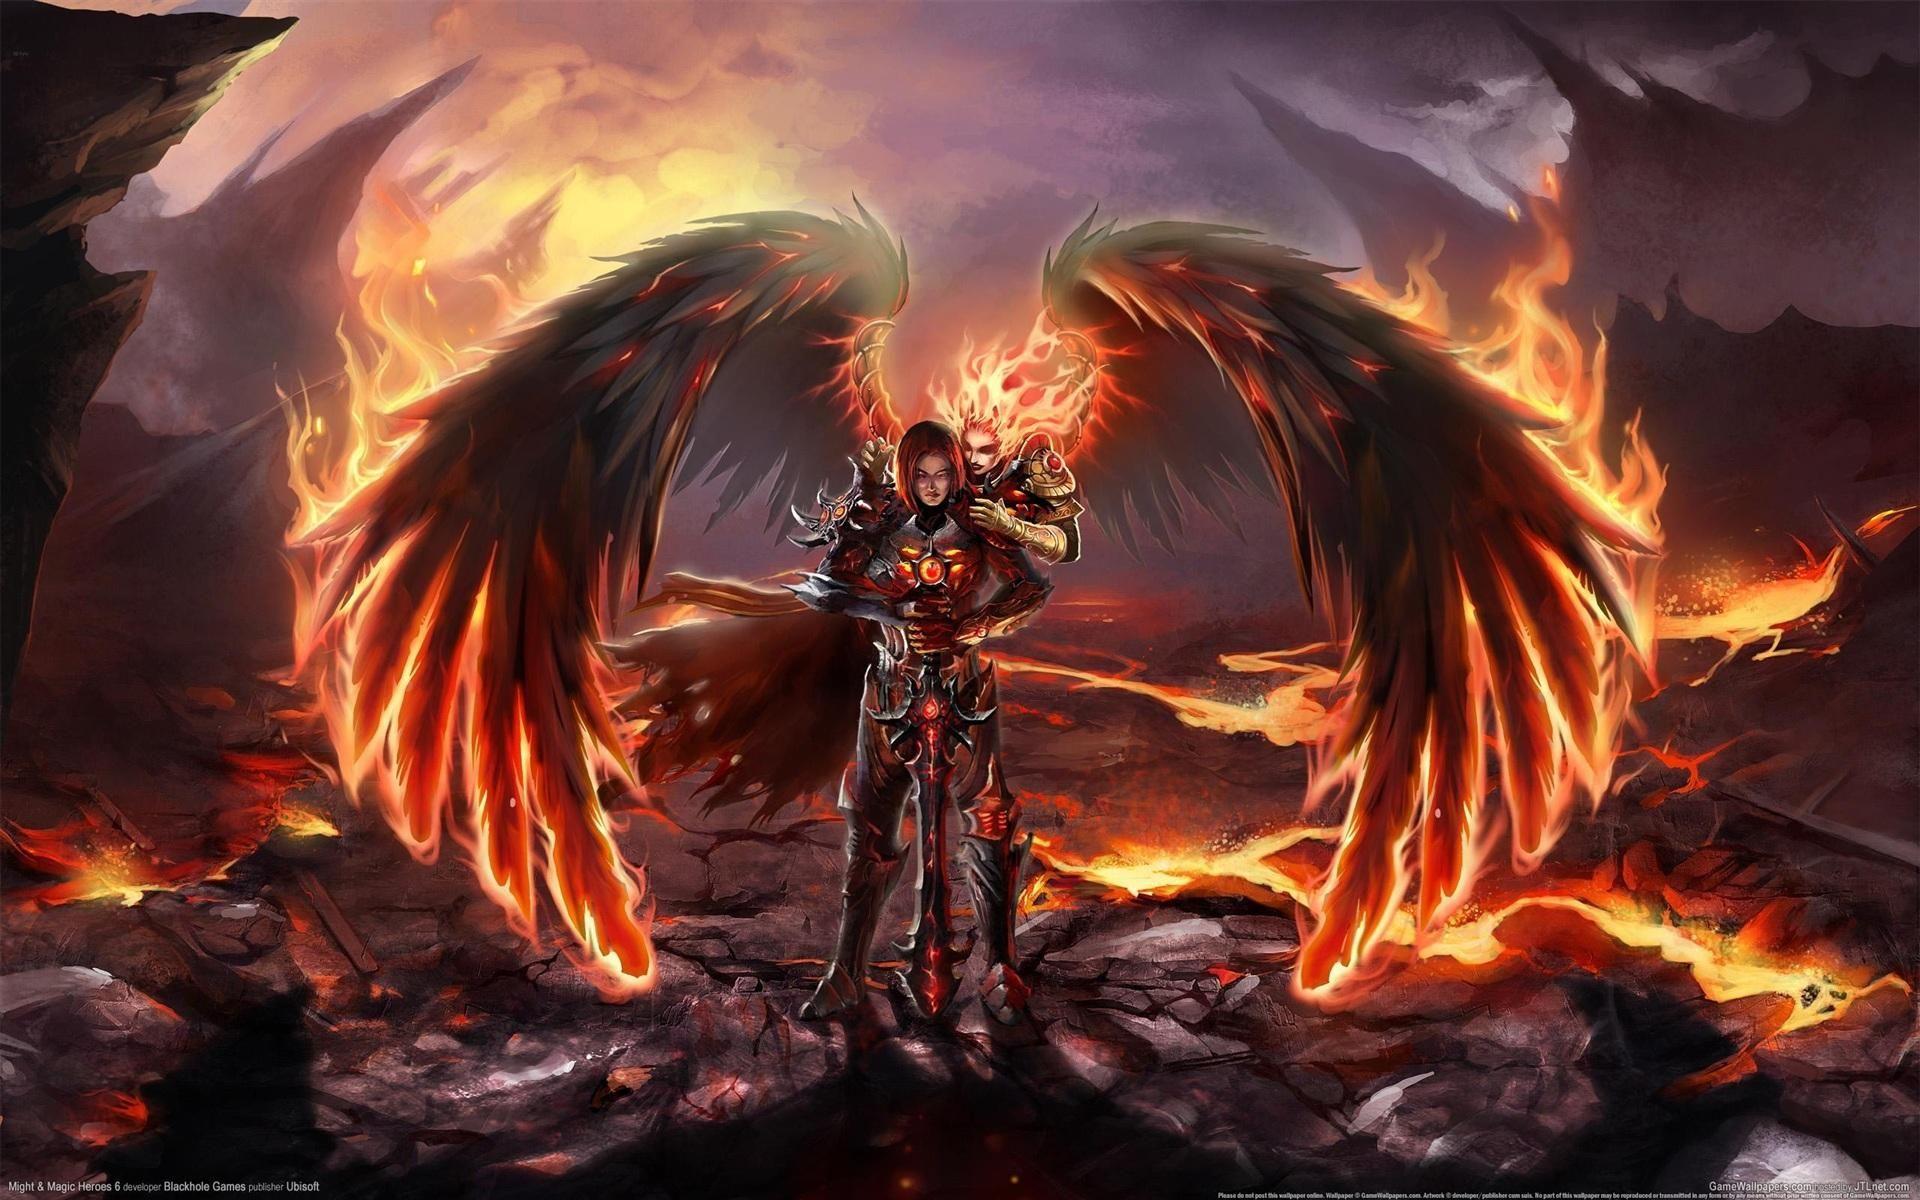 Fire mage art Поиск в Google Фэнтези, Фэнтези рисунки